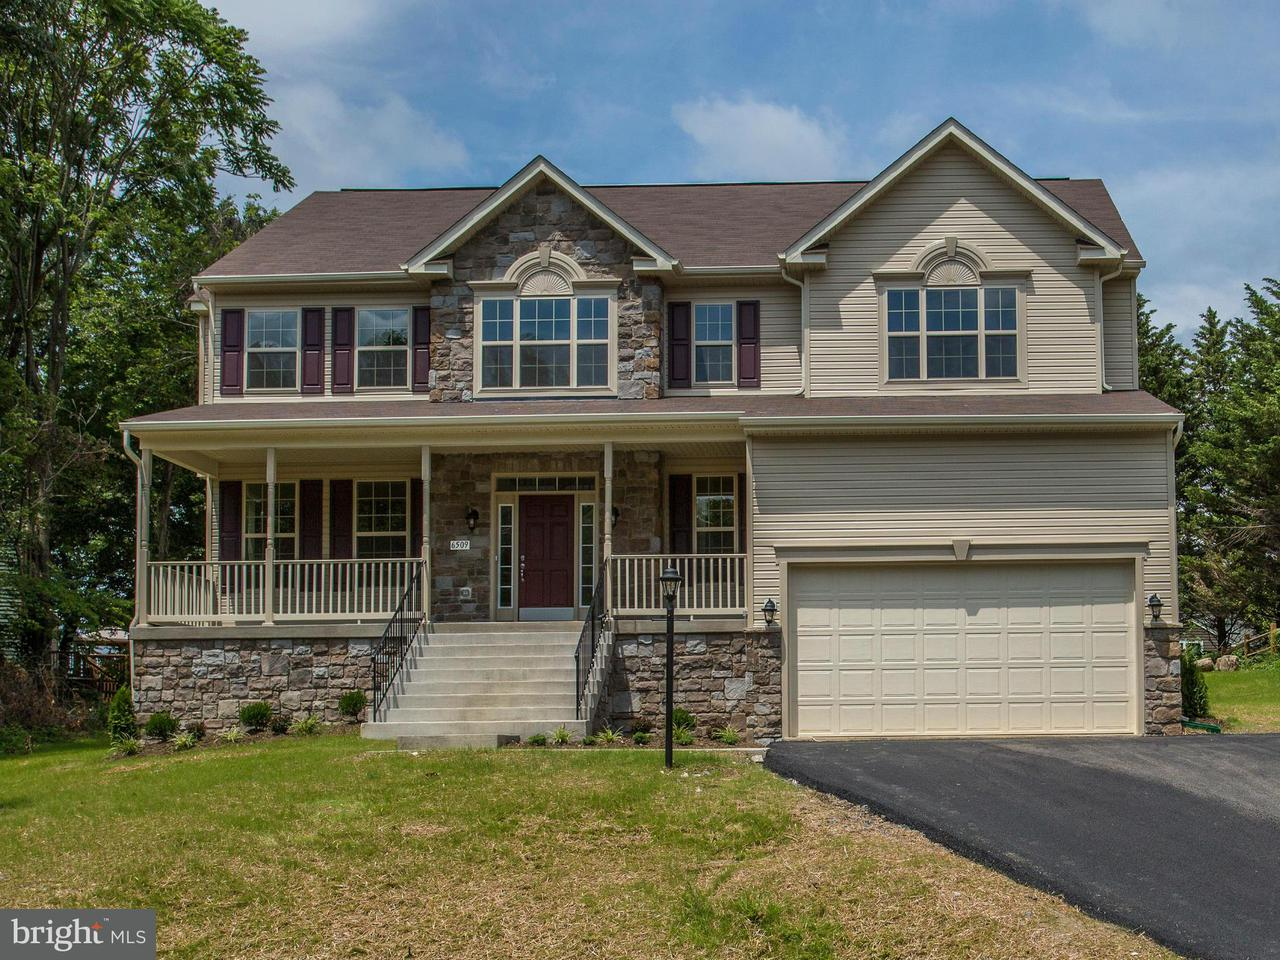 Casa Unifamiliar por un Venta en 6415 LAKERIDGE Drive 6415 LAKERIDGE Drive New Market, Maryland 21774 Estados Unidos